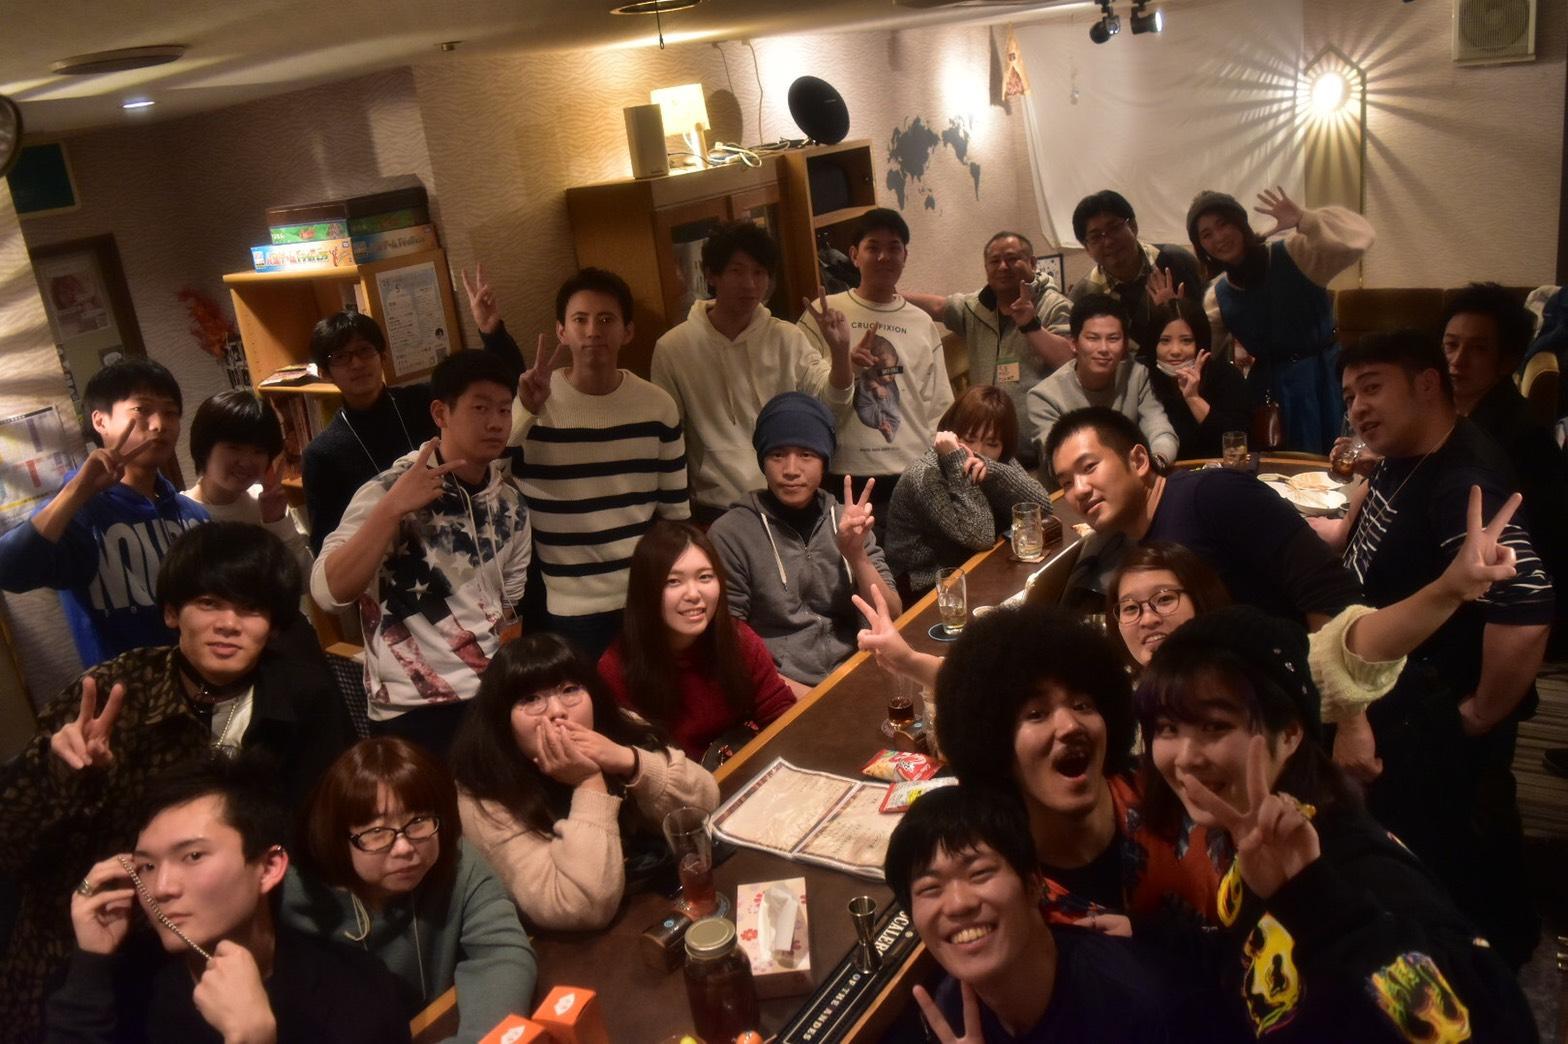 名古屋の手話カフェ1選!イベント有り!優しいサークル!教室探してる人も!【愛知県】